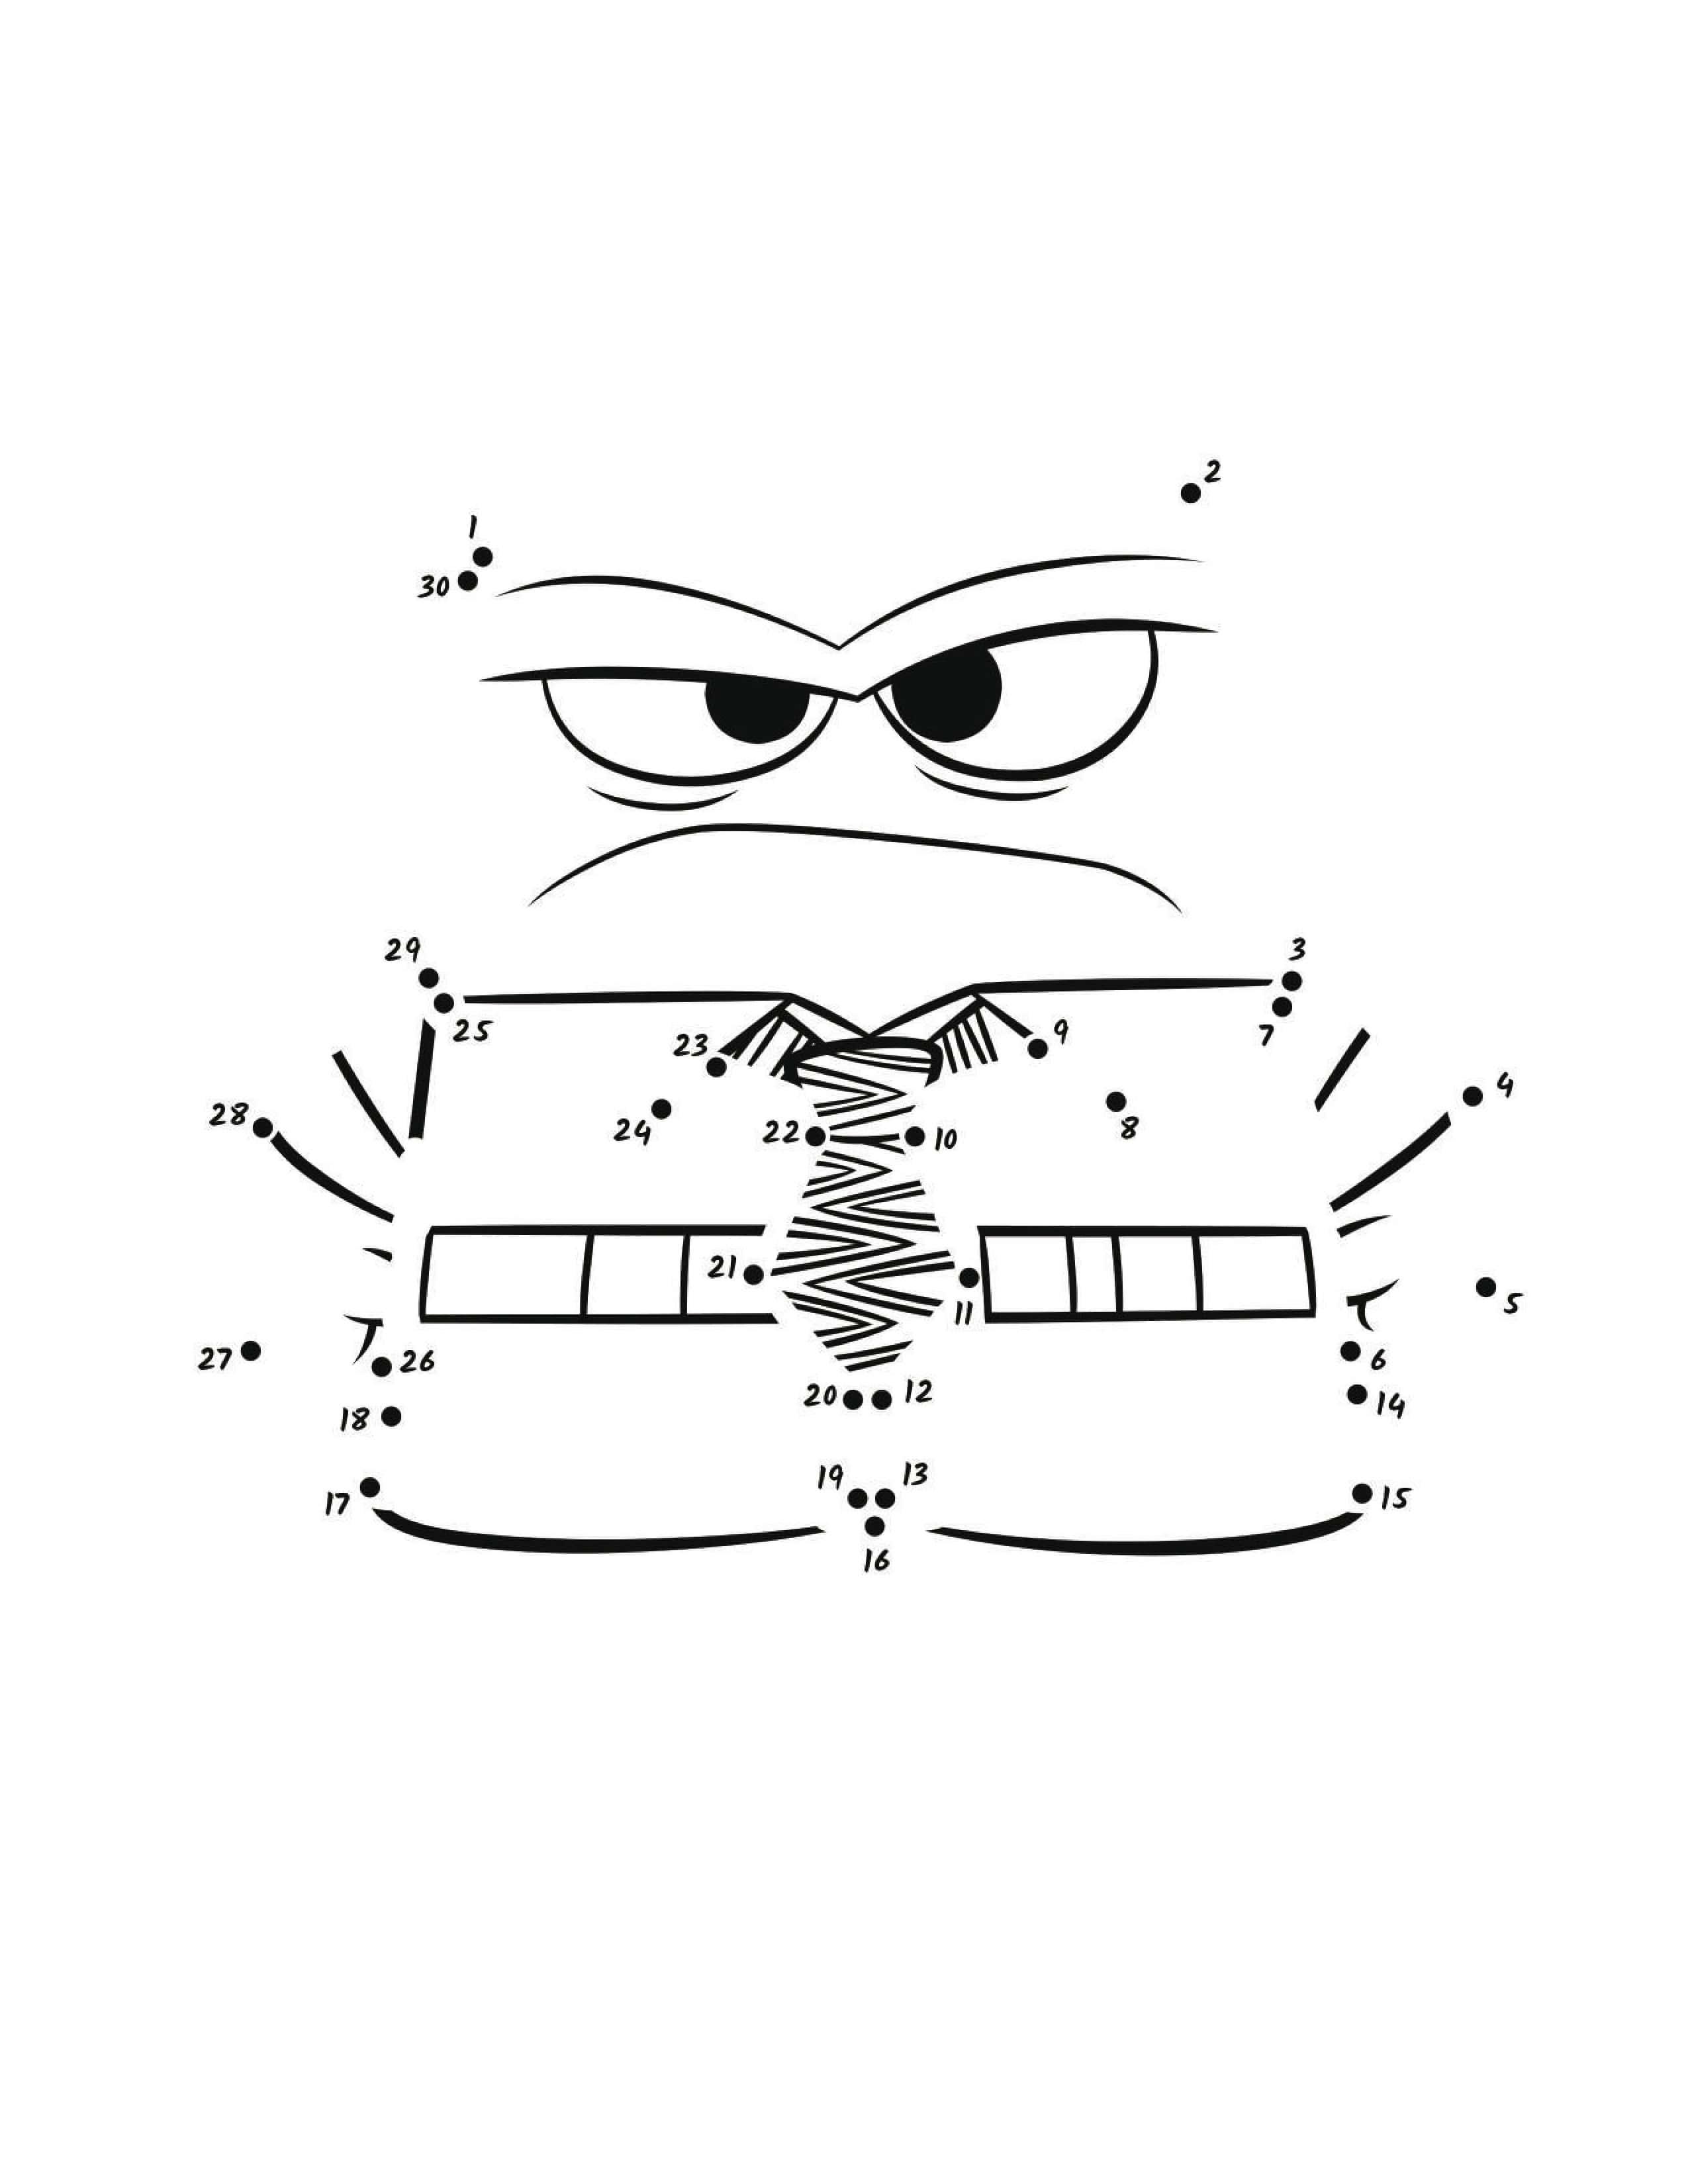 Эмоция Гнева для соединения по точкам